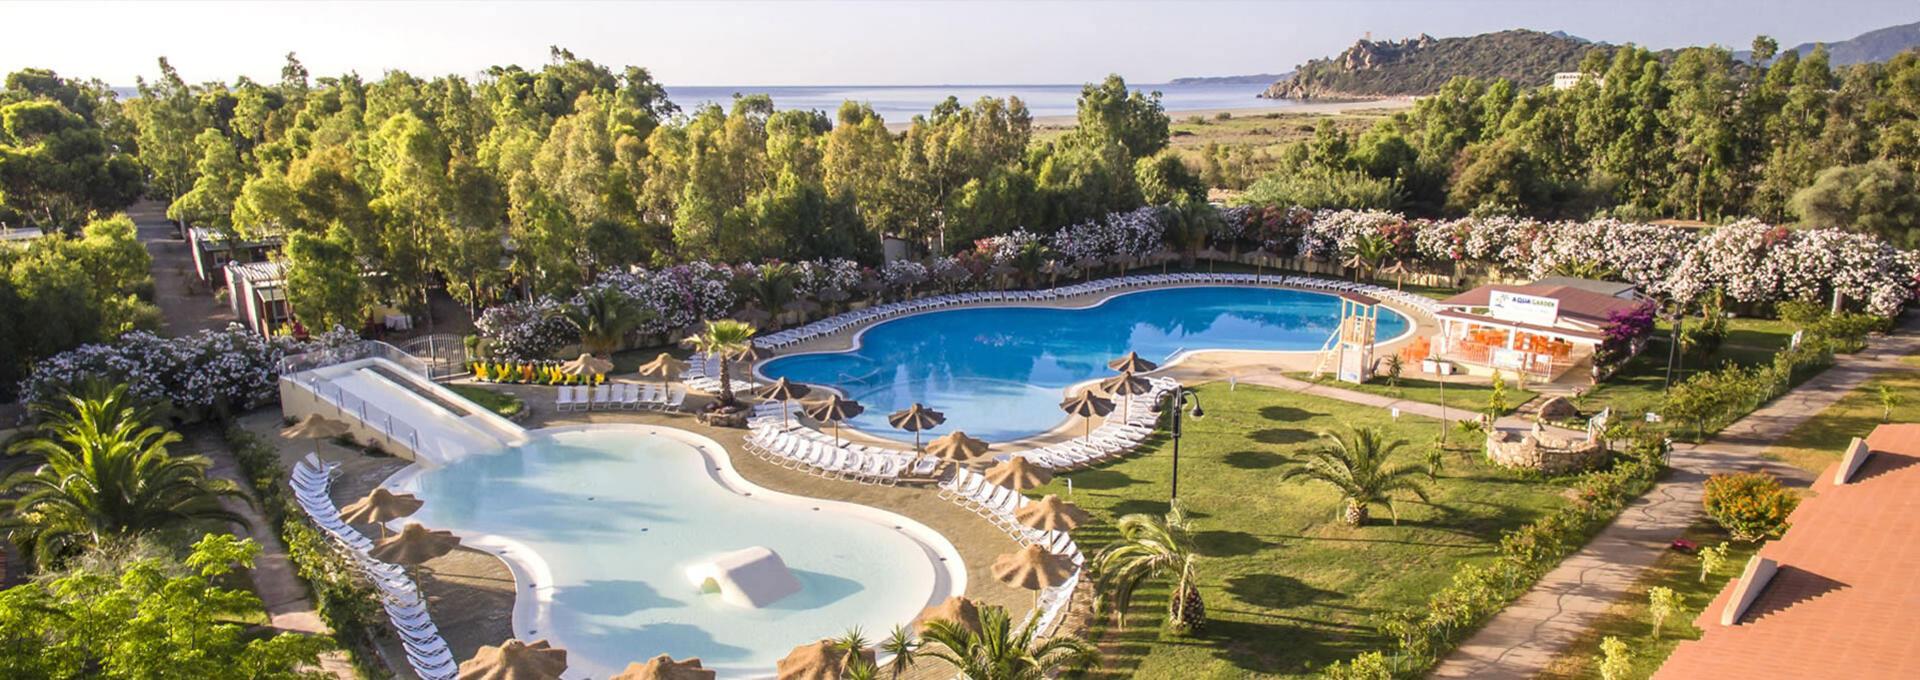 4mori it villaggio-turistico-con-piscina-sardegna 015